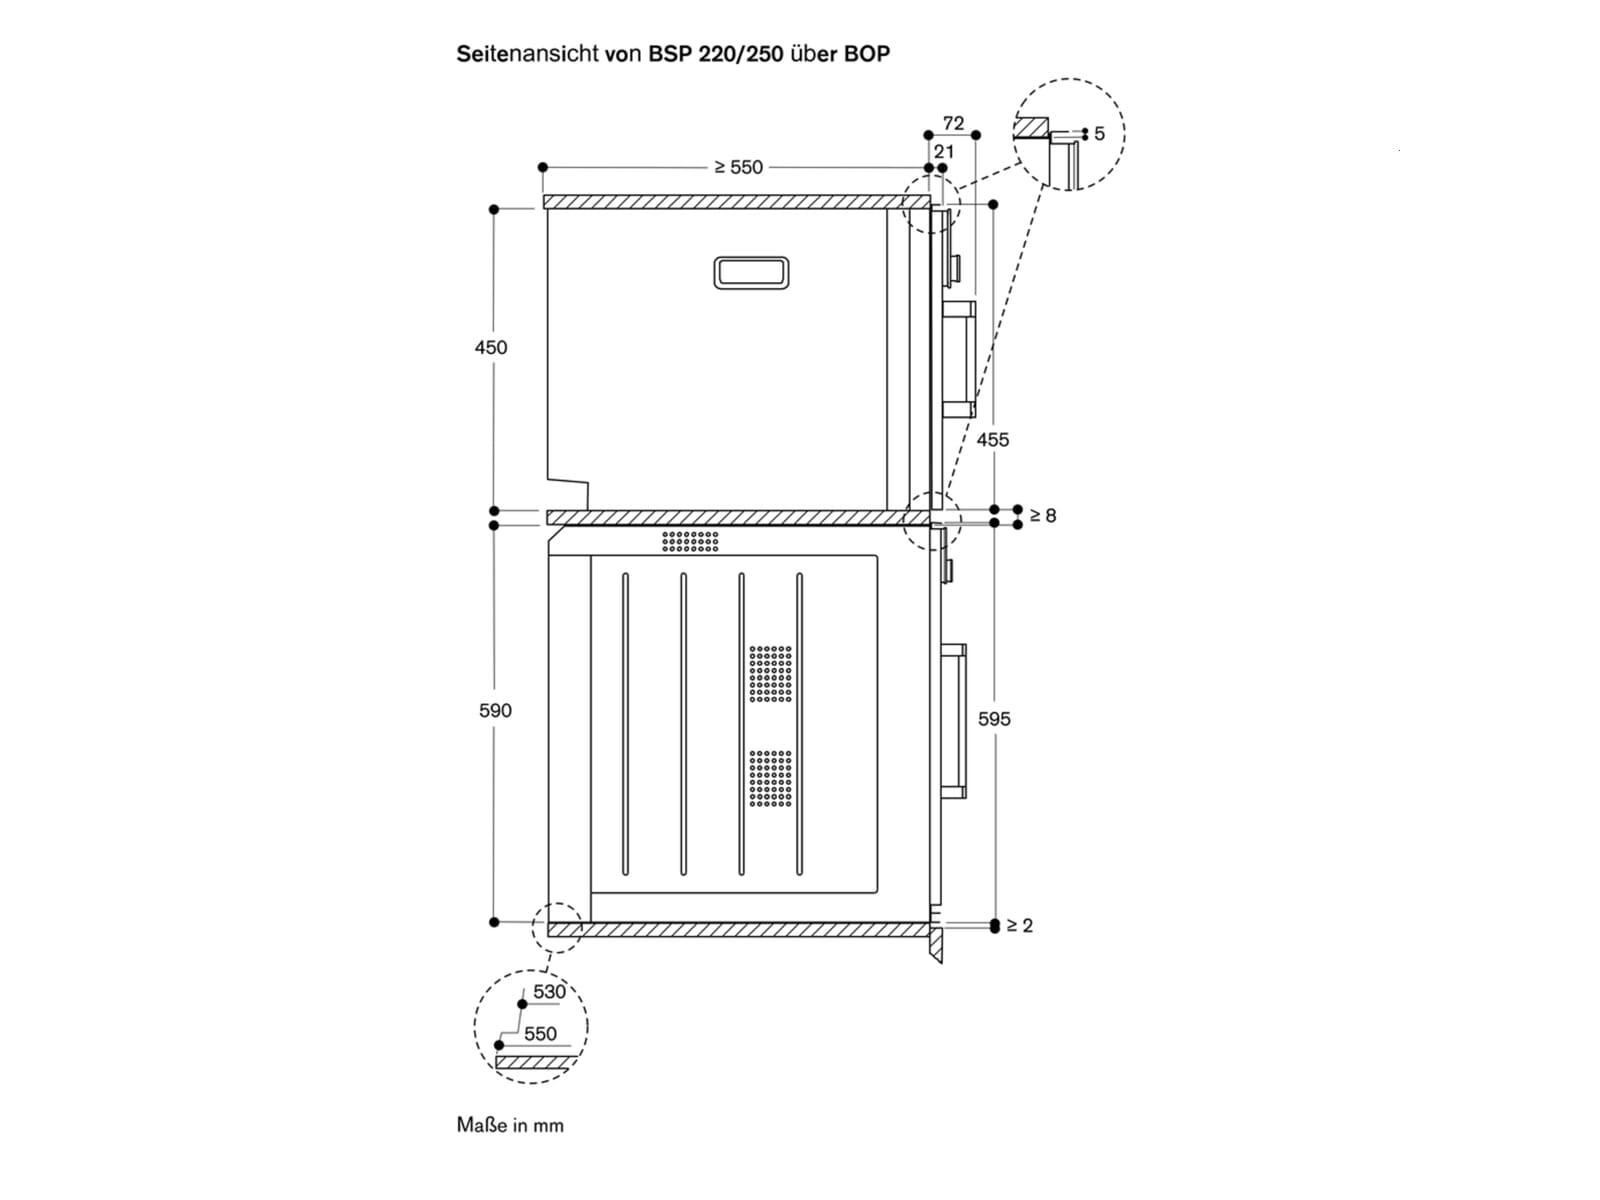 Gaggenau BSP 251 111 Dampfbackofen Serie 200 Metallic